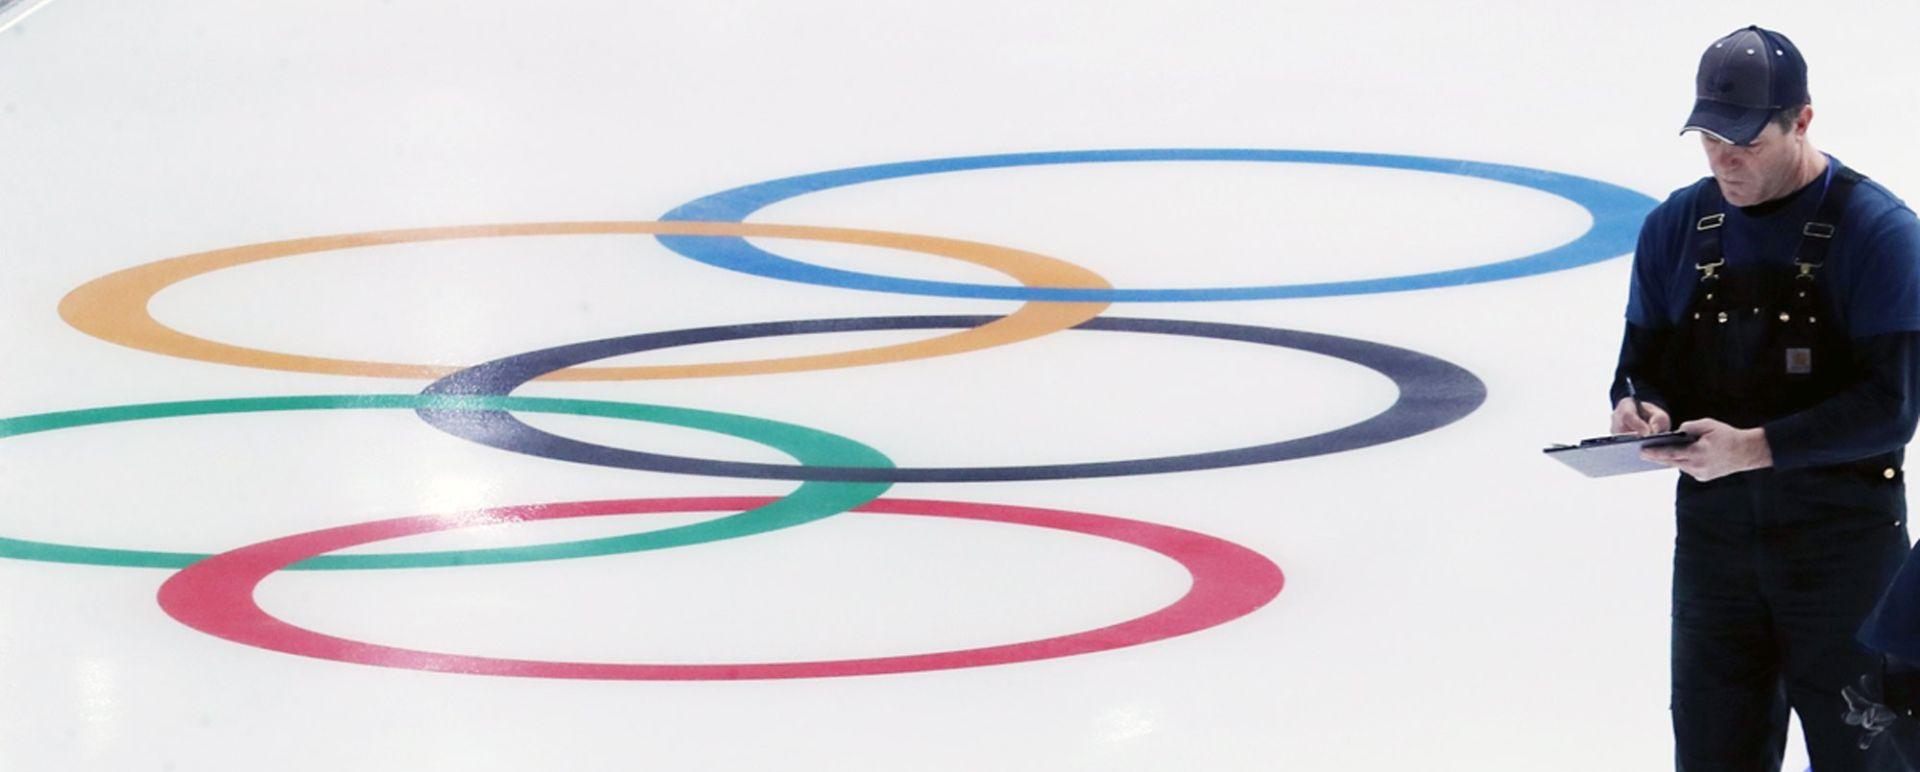 Olimpijski klizač Denis Ten ubijen nožem u Kazahstanu